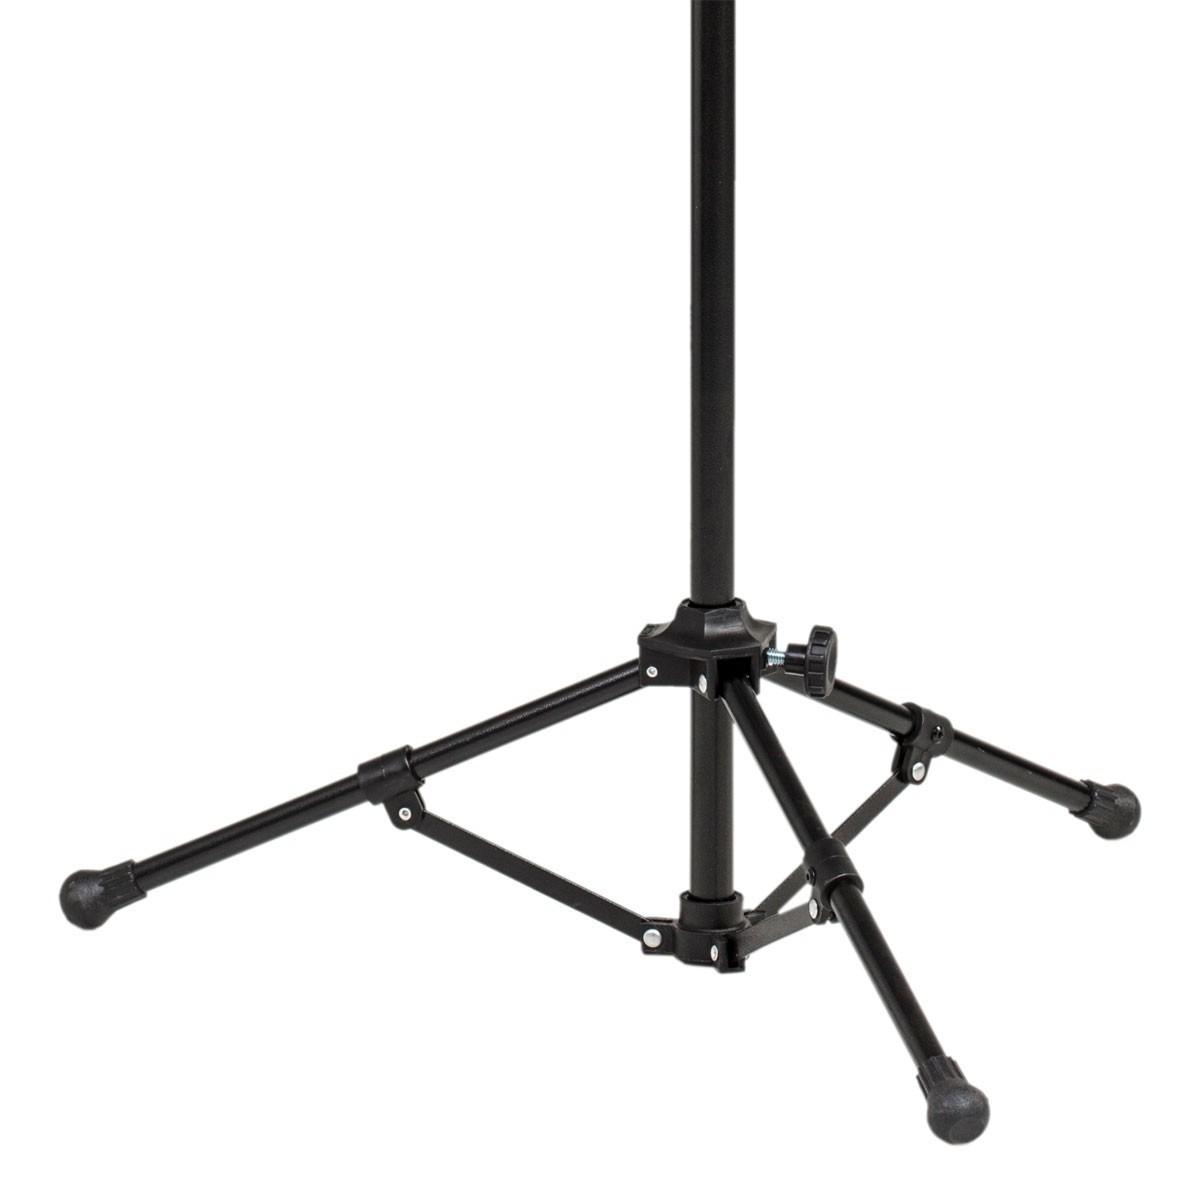 Kit com 05 Pedestais com Cachimbos para 01 Microfone - Vector - Loja Portal